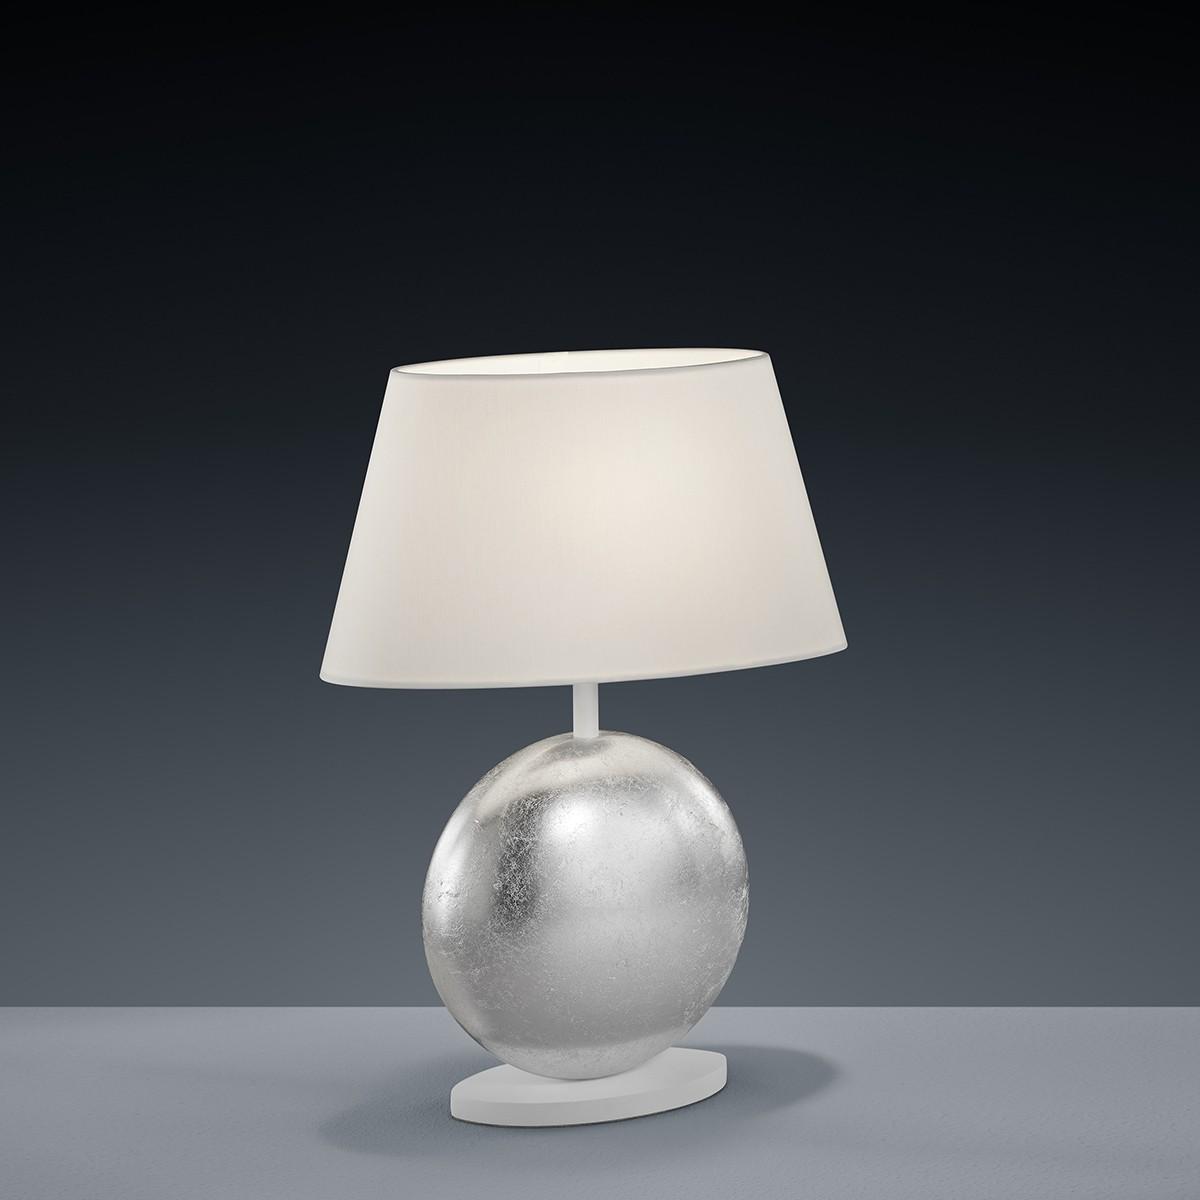 Luce Elevata Mali Tischleuchte 28 x 14 cm, Blattsilberoptik - weiß